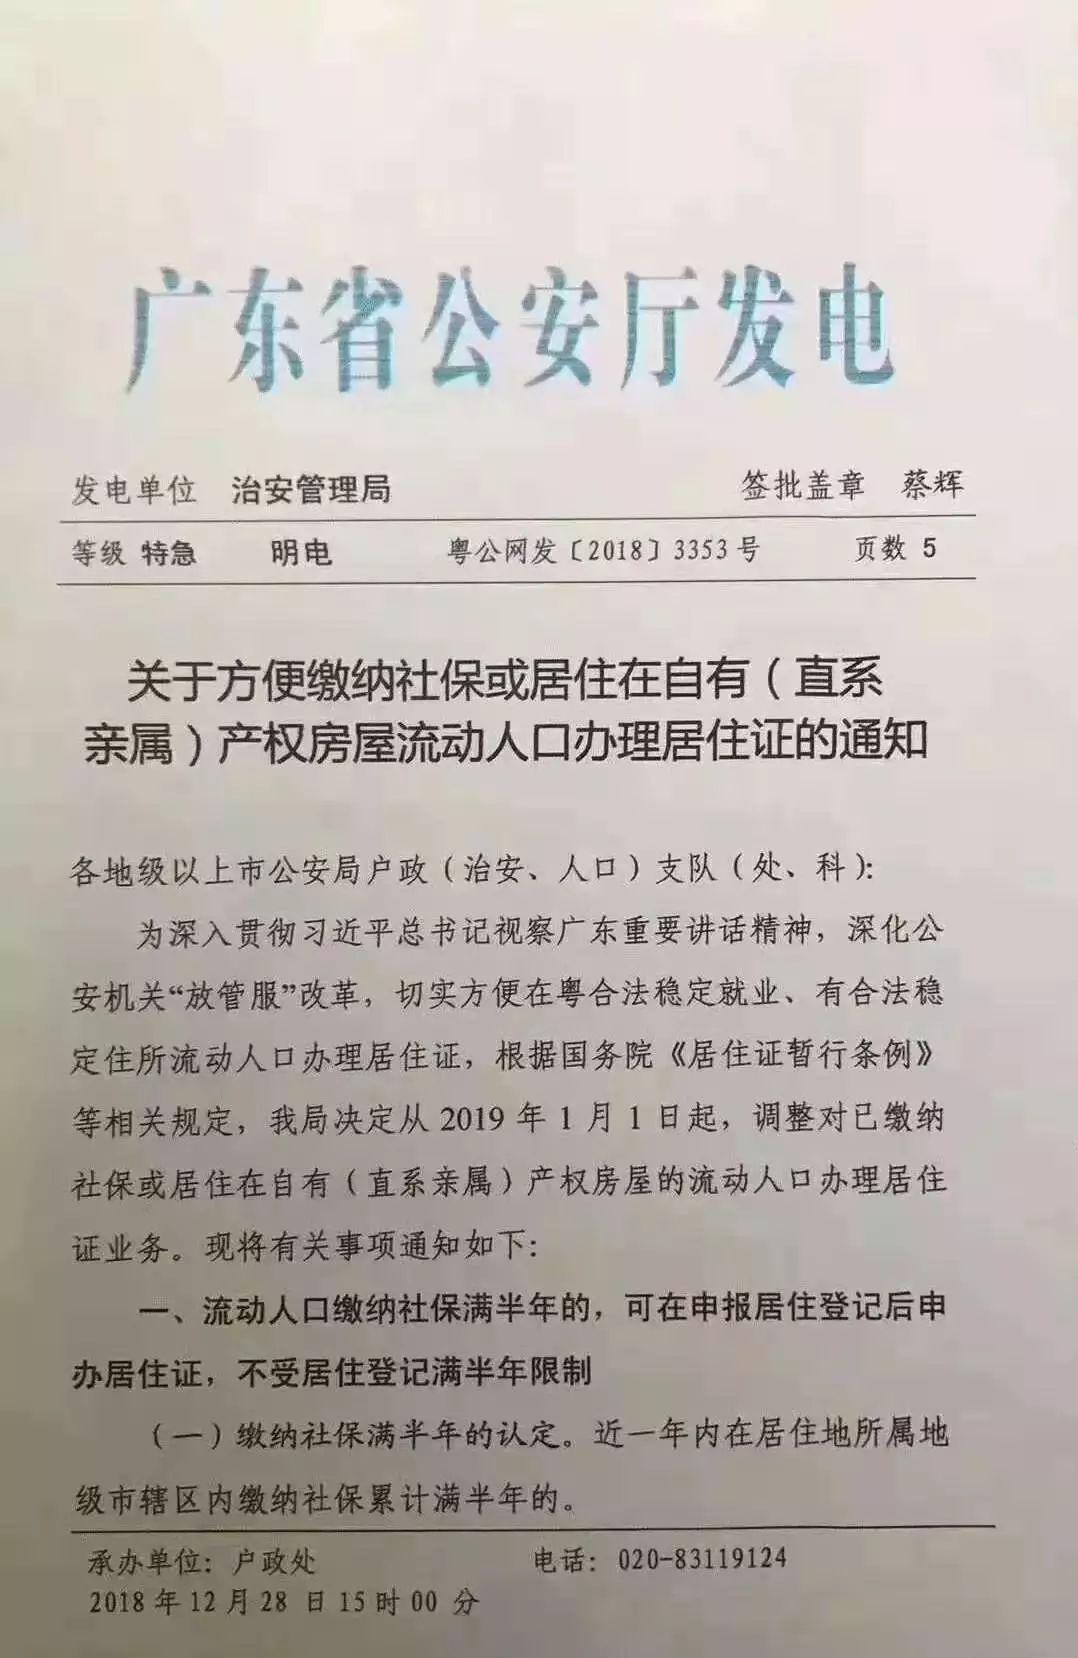 2019年广东省居住证办理条件流程和材料,办理进度... _高考升学网